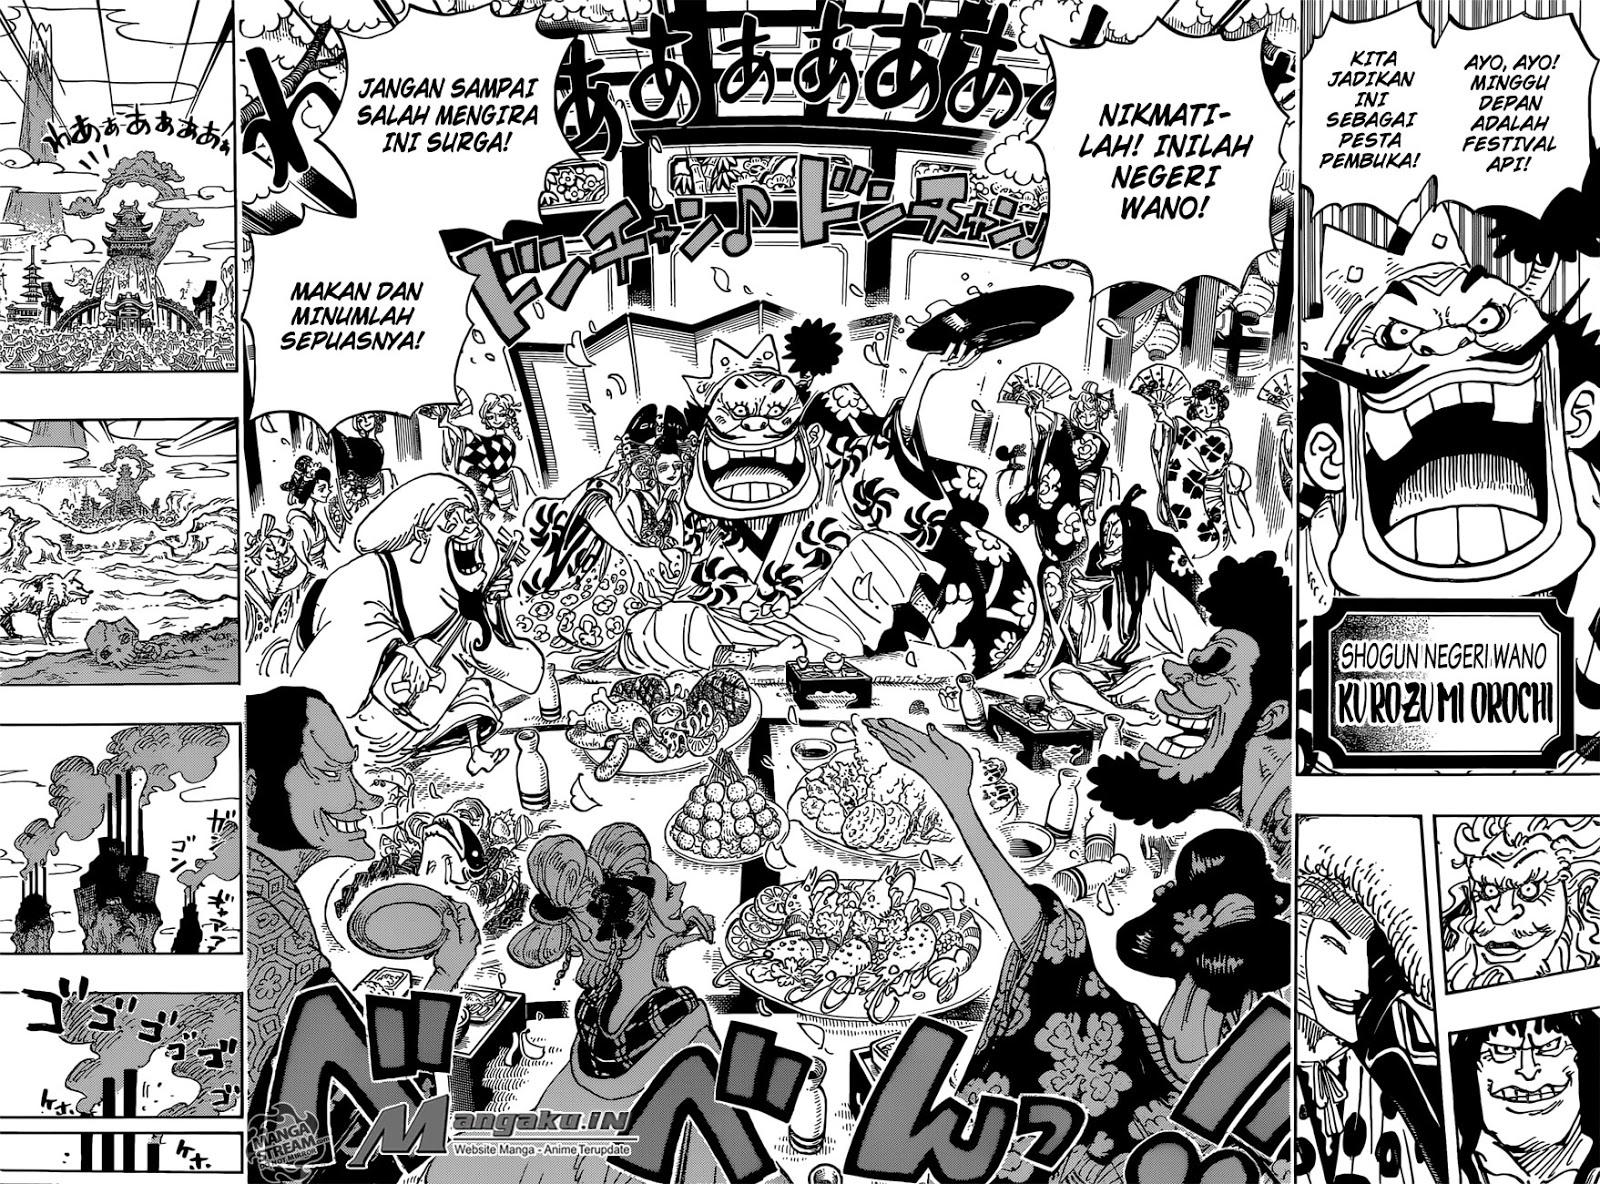 Komik One Piece Chapter 929 Sub Indo - Laco Blog